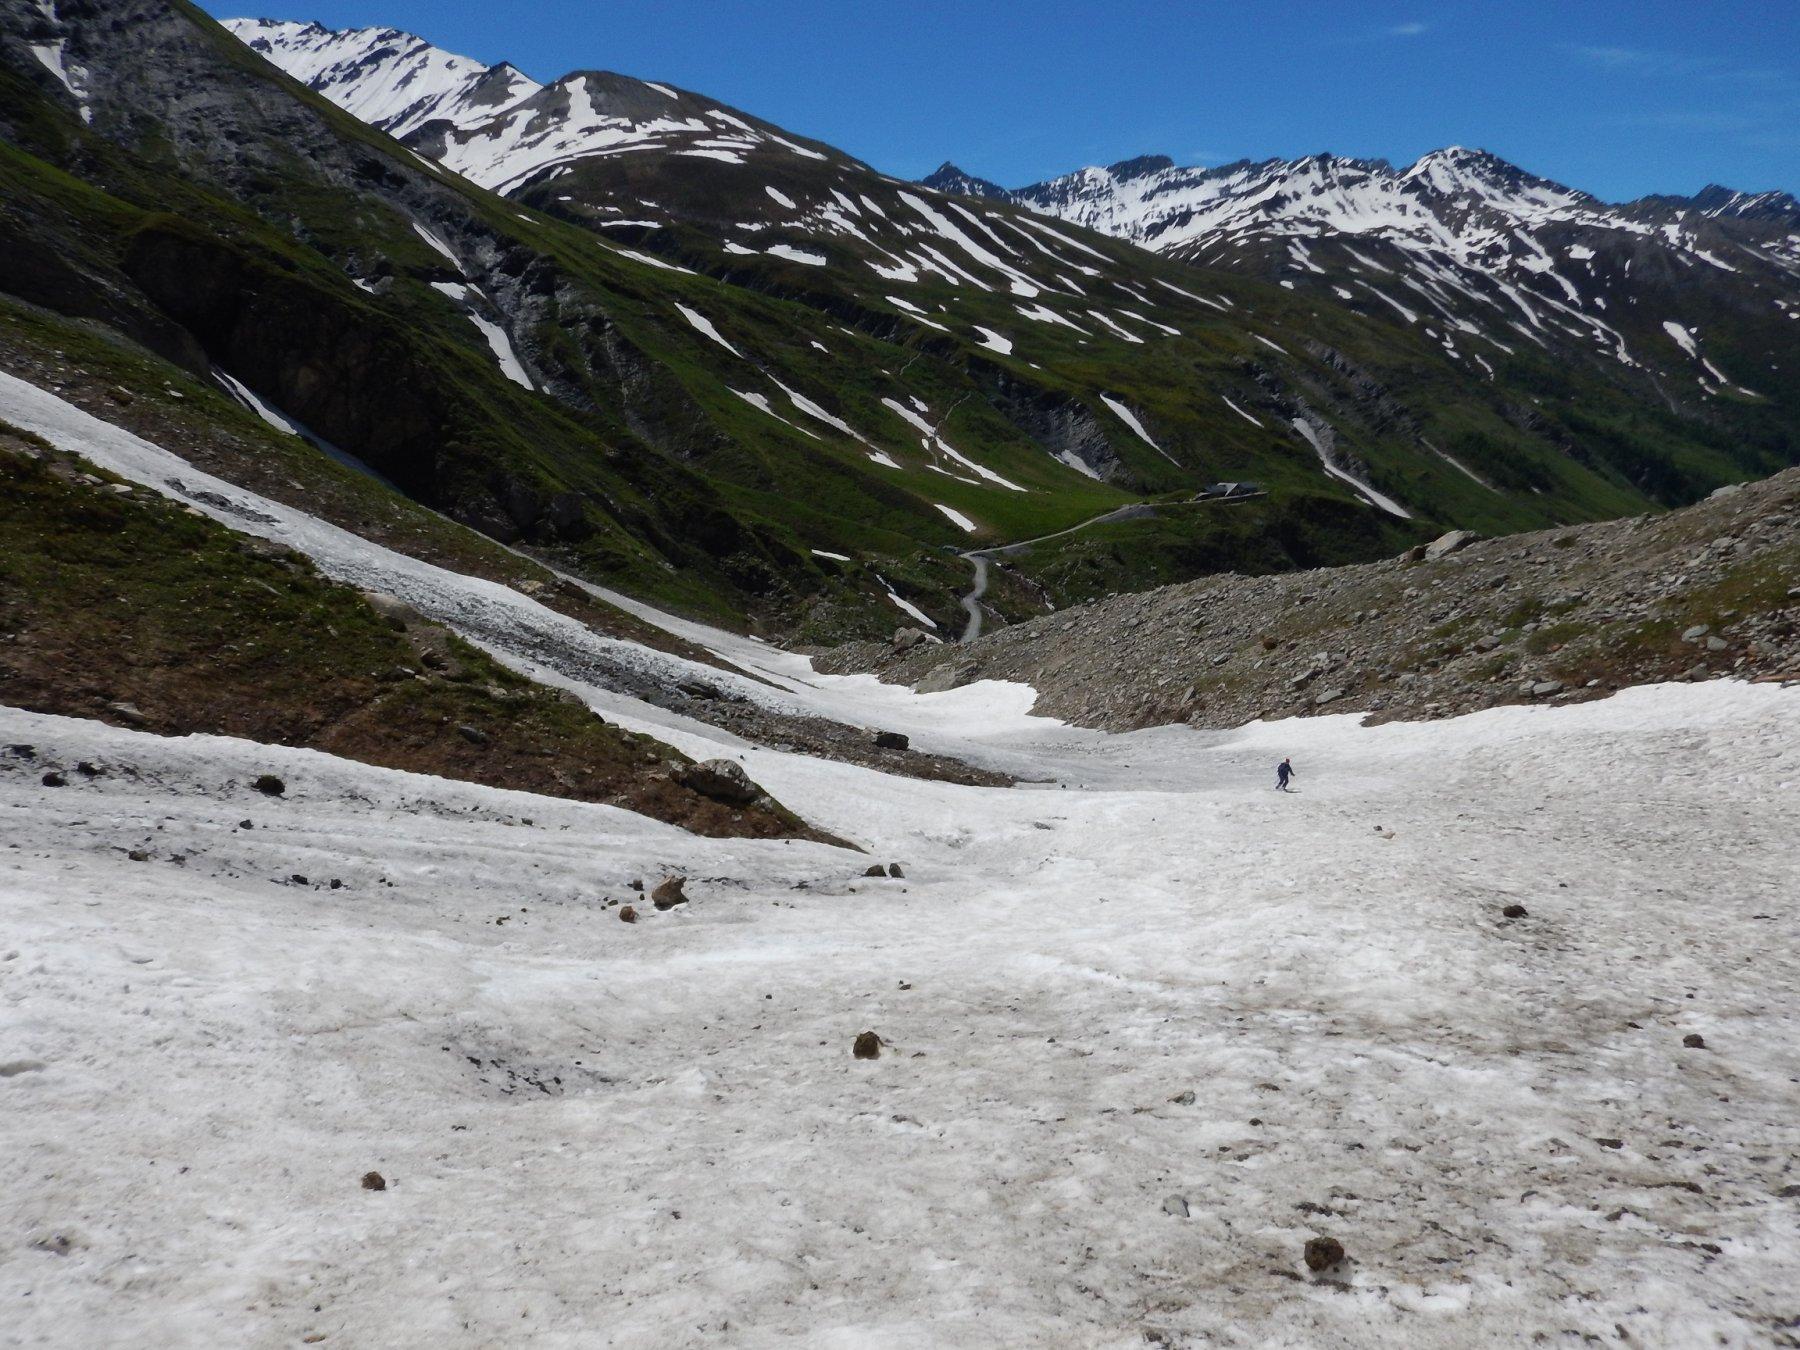 ultimi tratti di neve a 2100